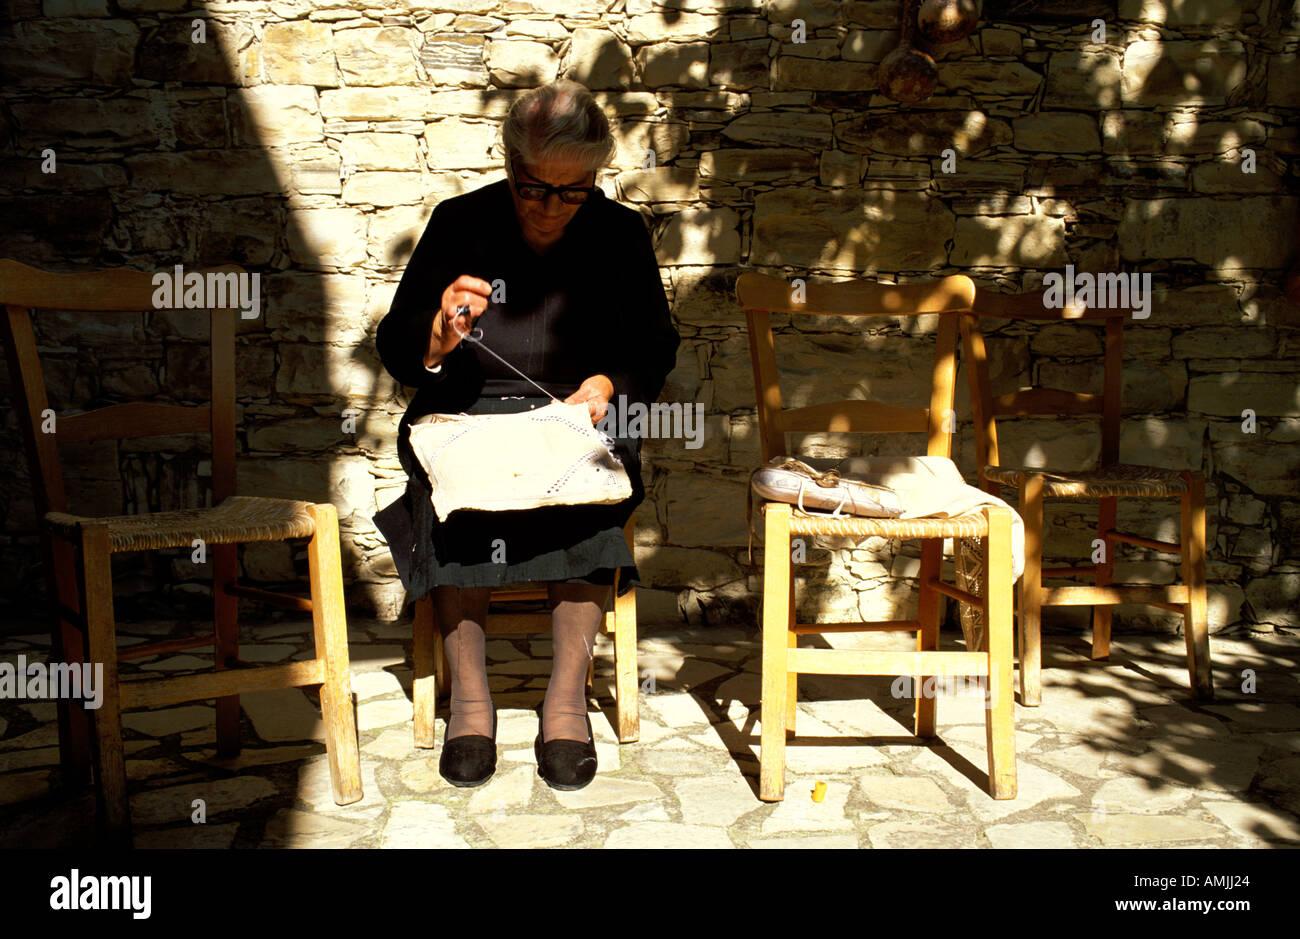 Cyprus old woman doing needlework - Stock Image